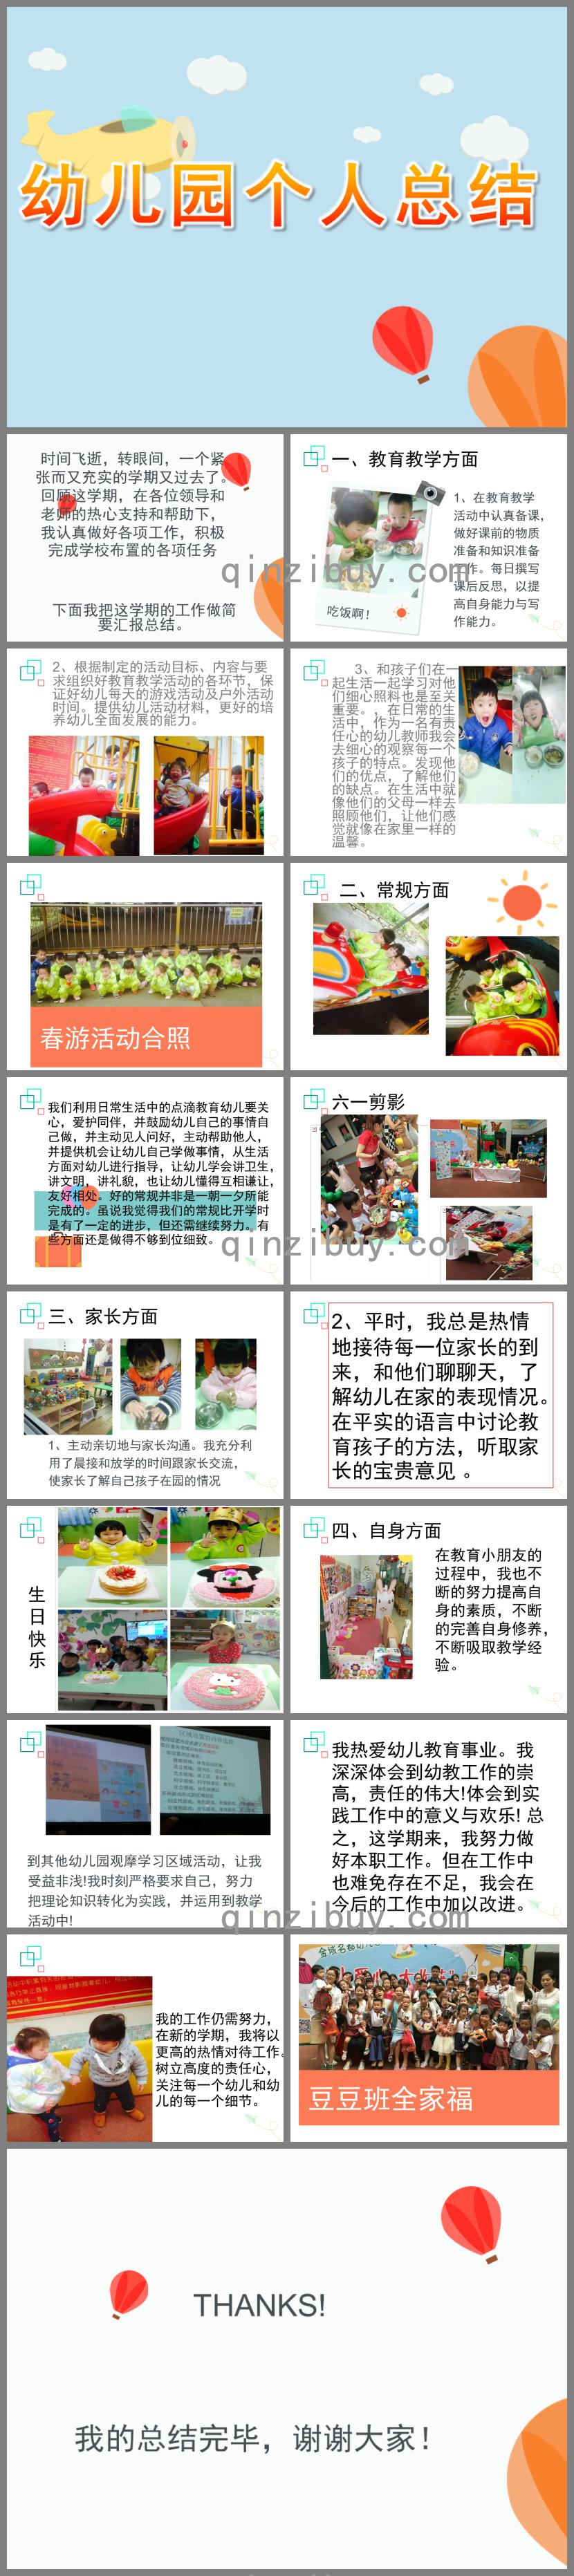 幼儿园个人总结PPT课件